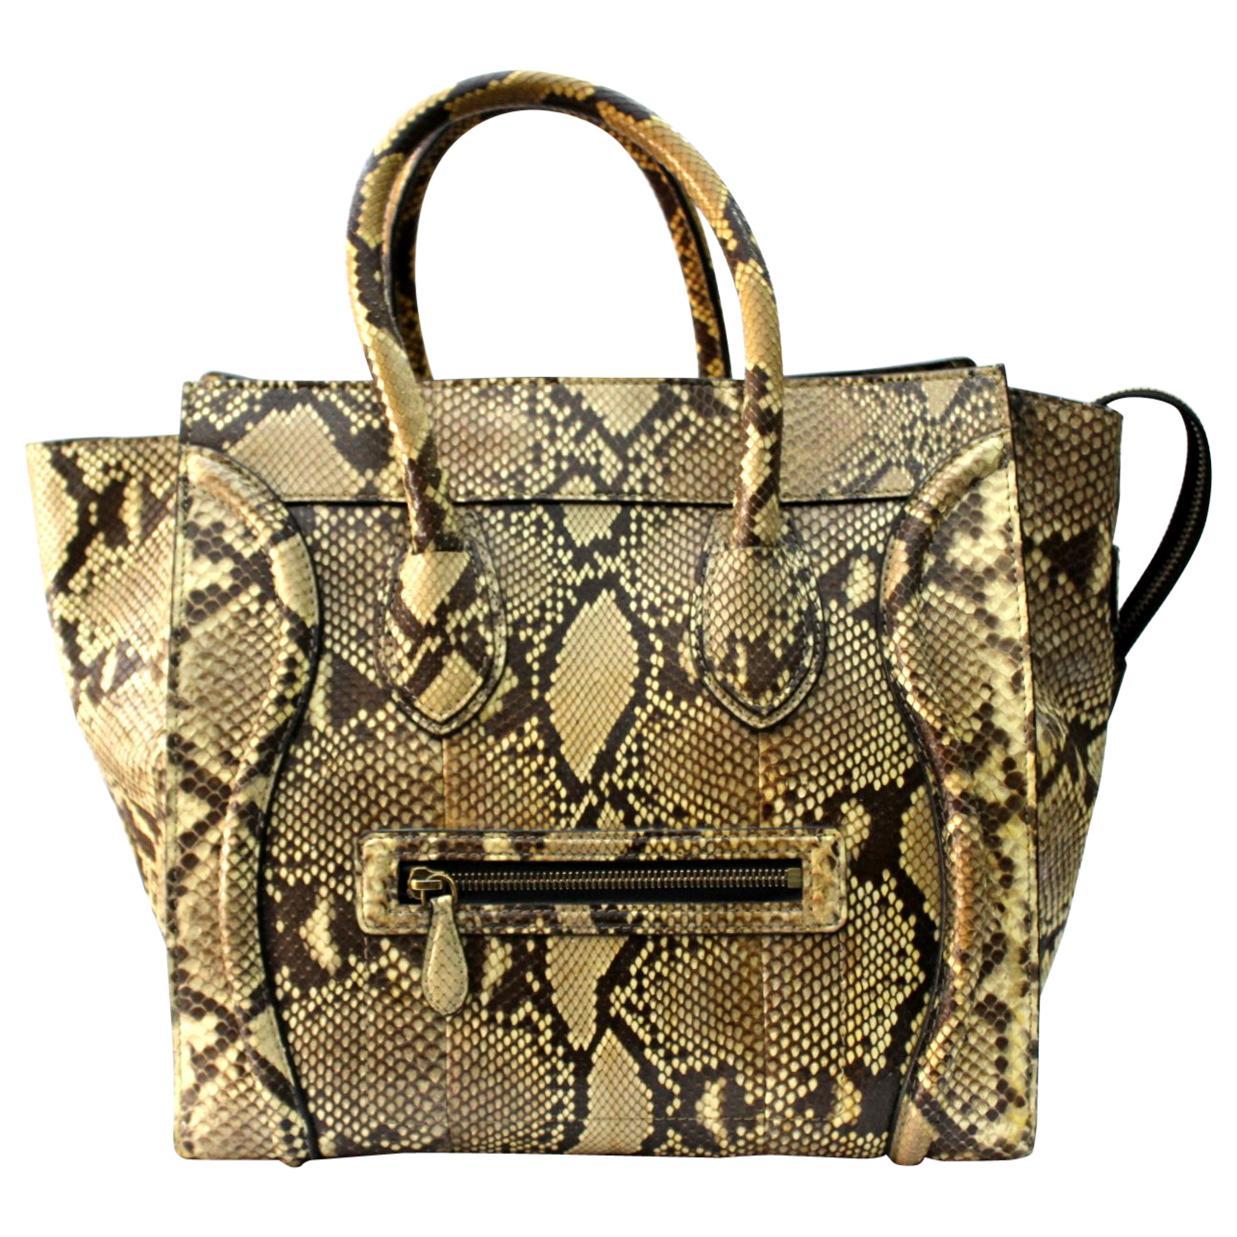 Cèline Luxury Luggage Bag